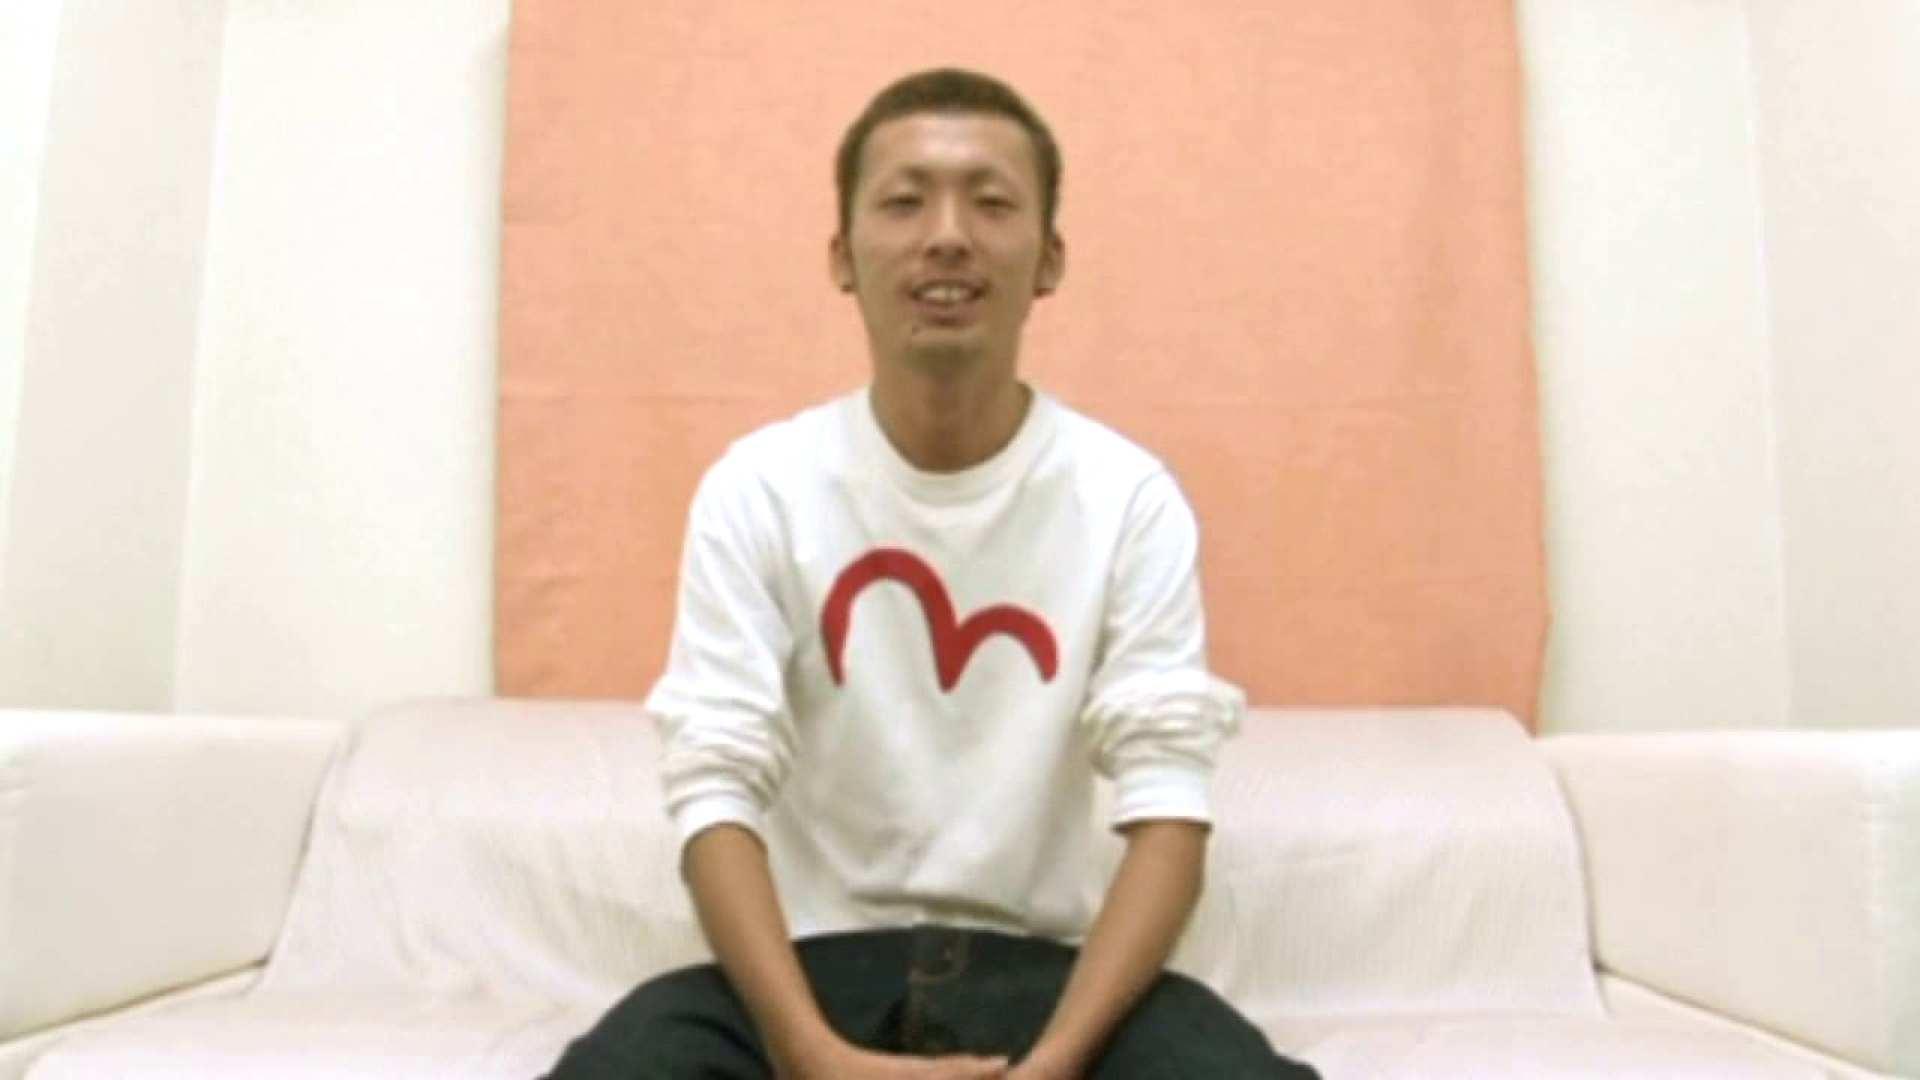 ノンケ!自慰スタジオ No.11 オナニー   自慰シーン アダルトビデオ画像キャプチャ 110枚 2